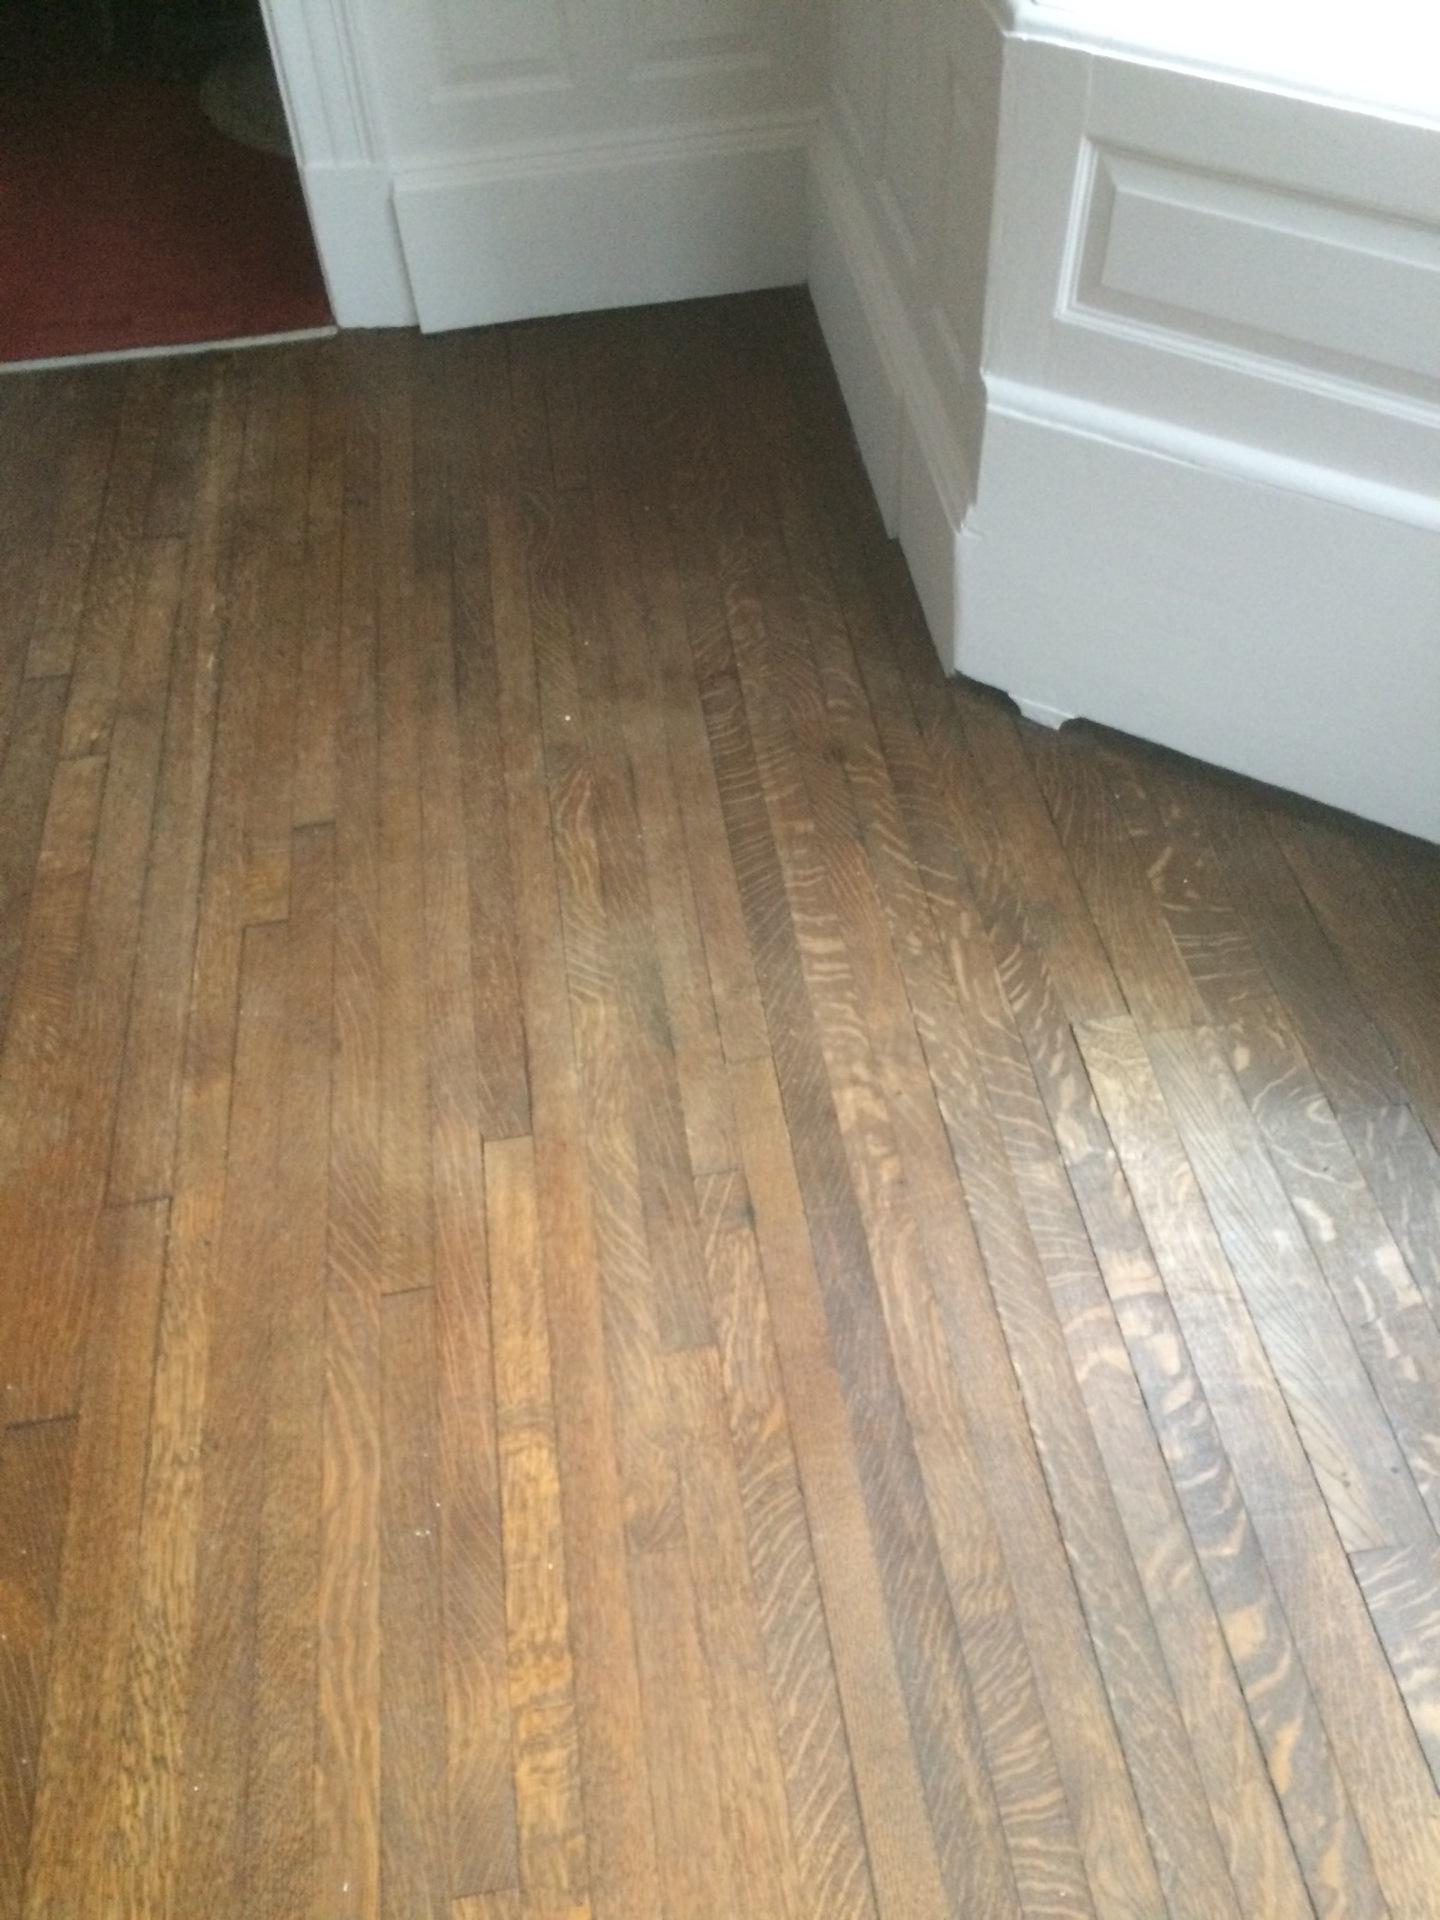 Waxing Wood Floors-before - Wood Floors Duffyfloors